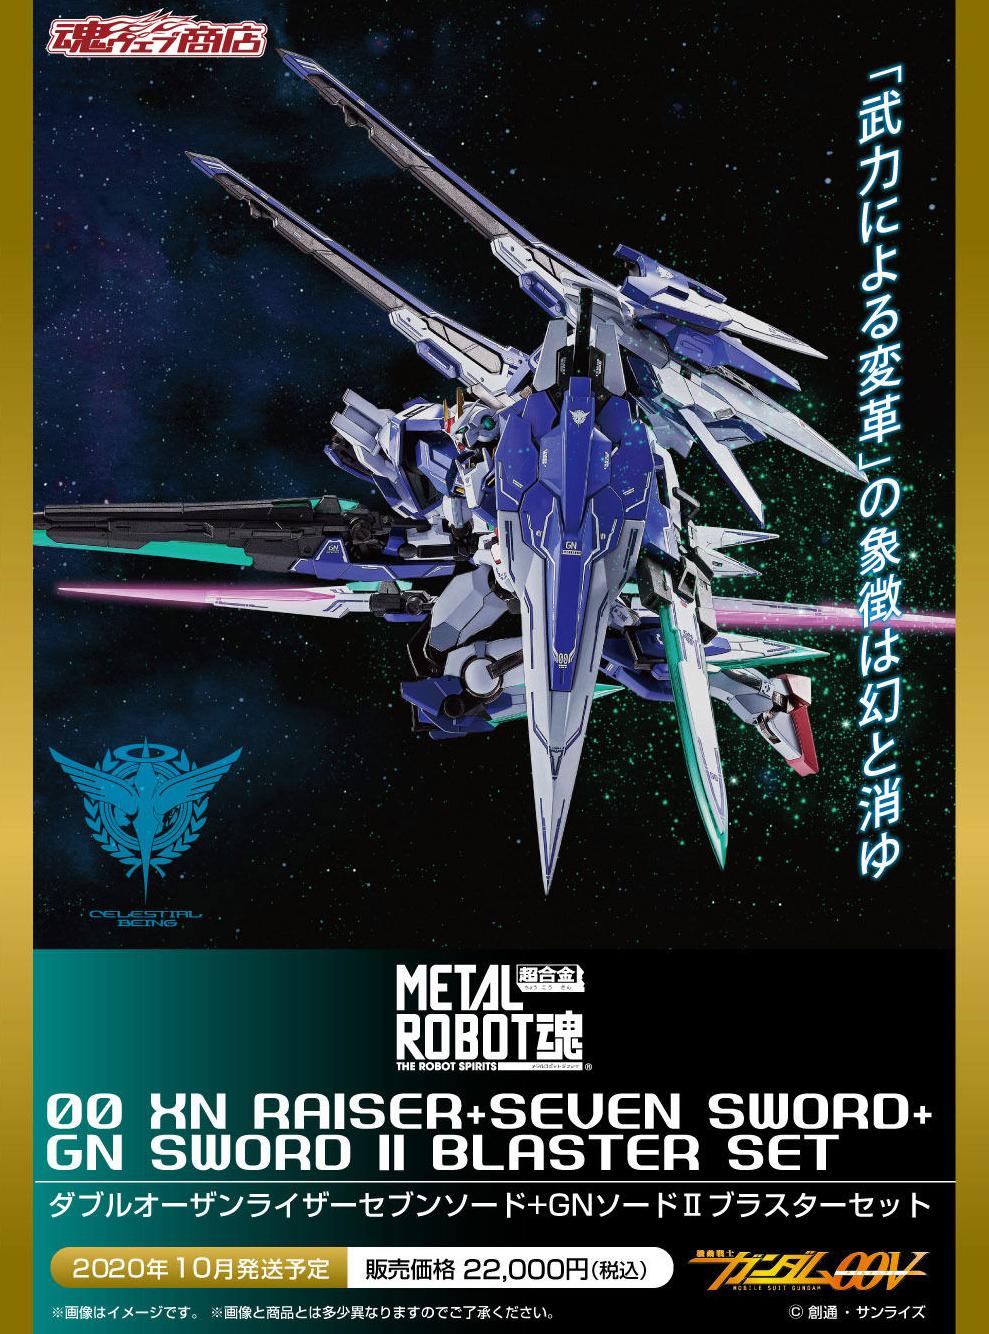 METAL ROBOT魂 ダブルオーザンライザーセブンソード_GNソードIIブラスターセット01